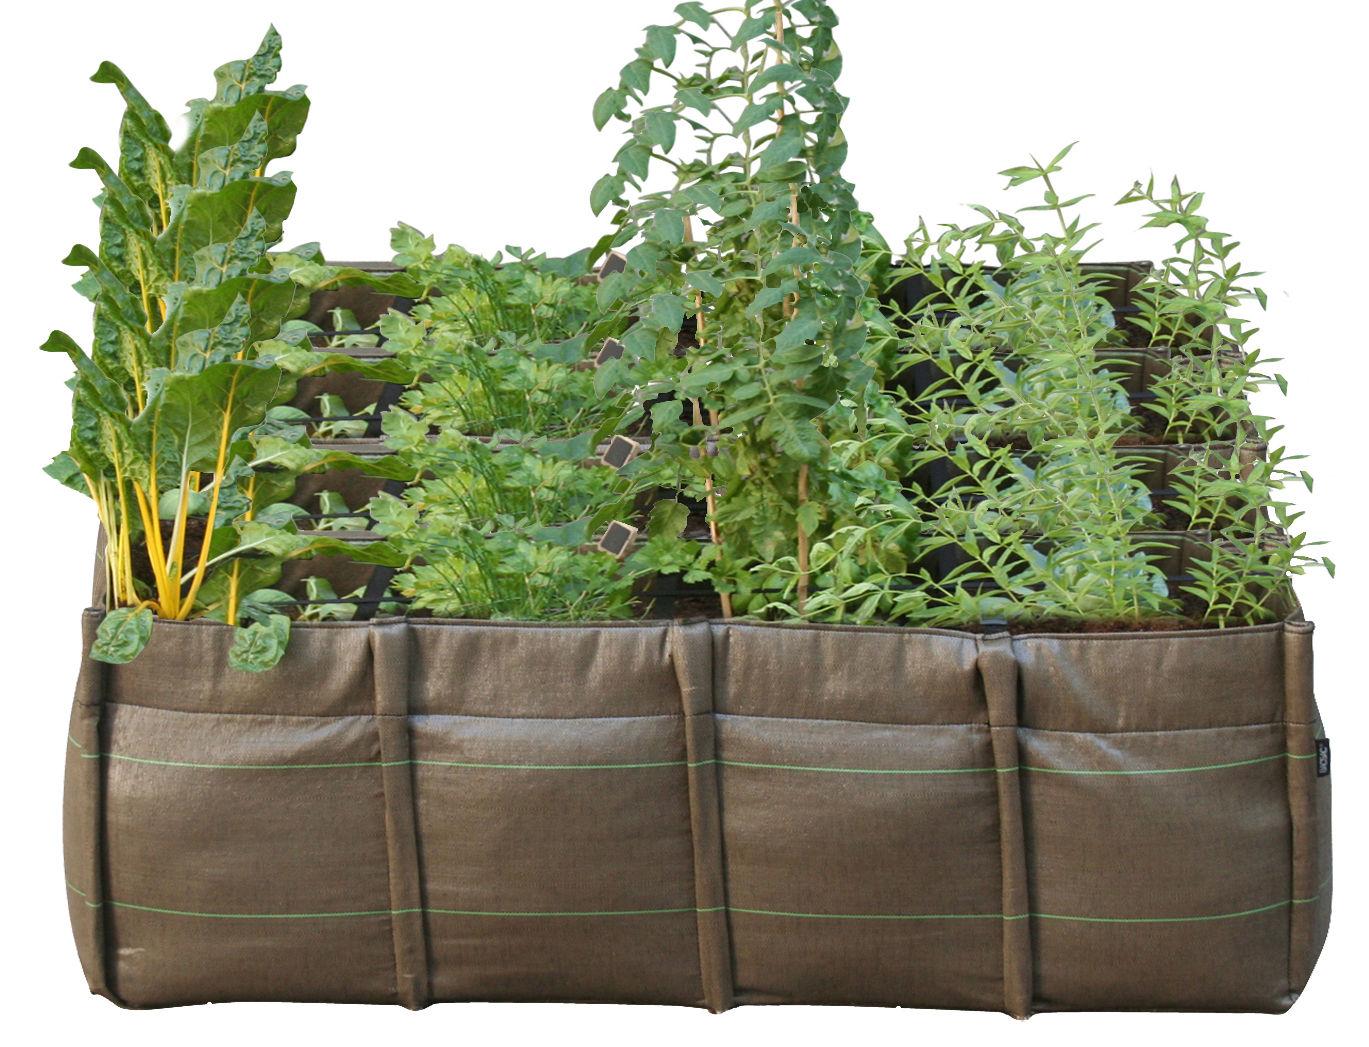 Jardin - Pots et plantes - Jardinière BacSquare Geotextile / Outdoor - 550 L - Bacsac - 16 carrés / 550L - Marron - Toile géotextile